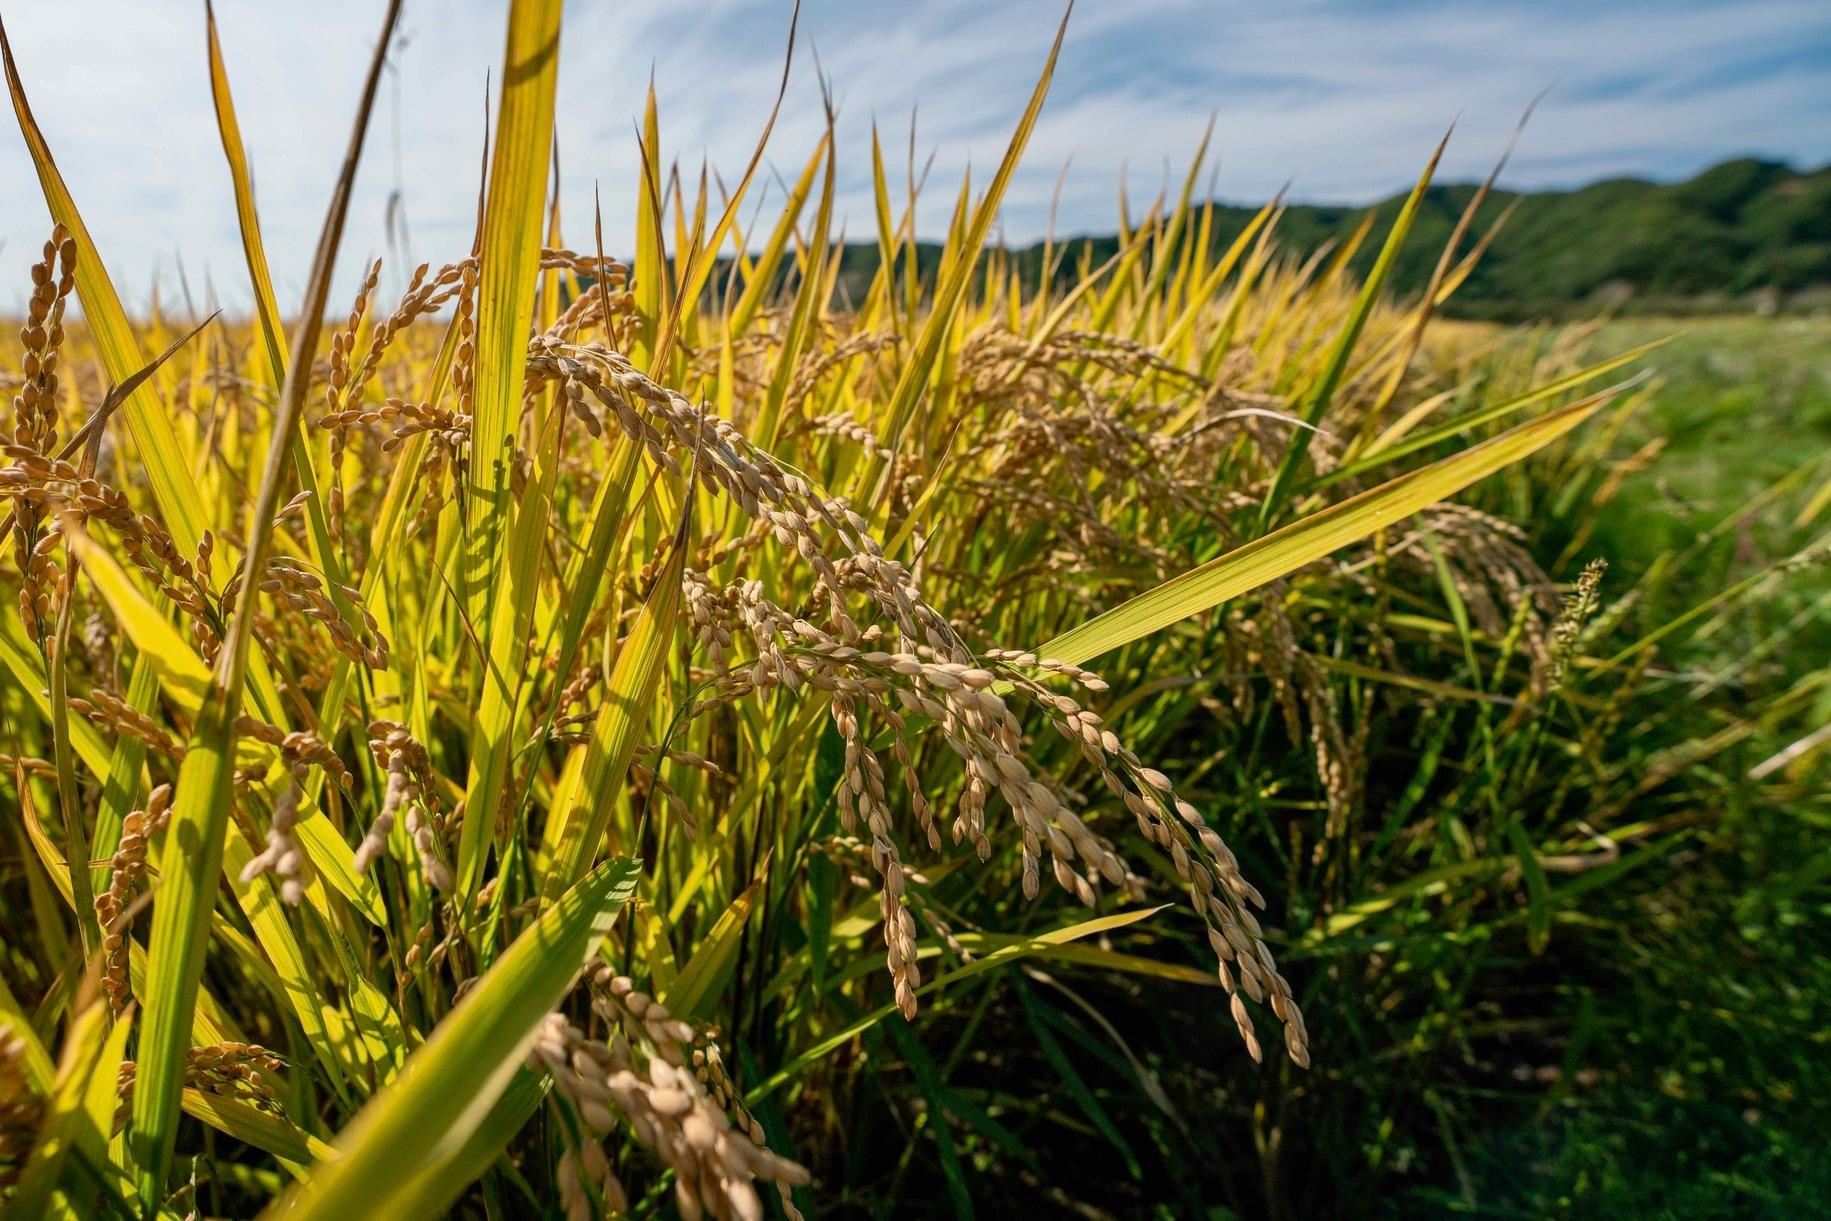 収穫を控える稲穂,北海道産のお米,小坂農園のゆきさやか